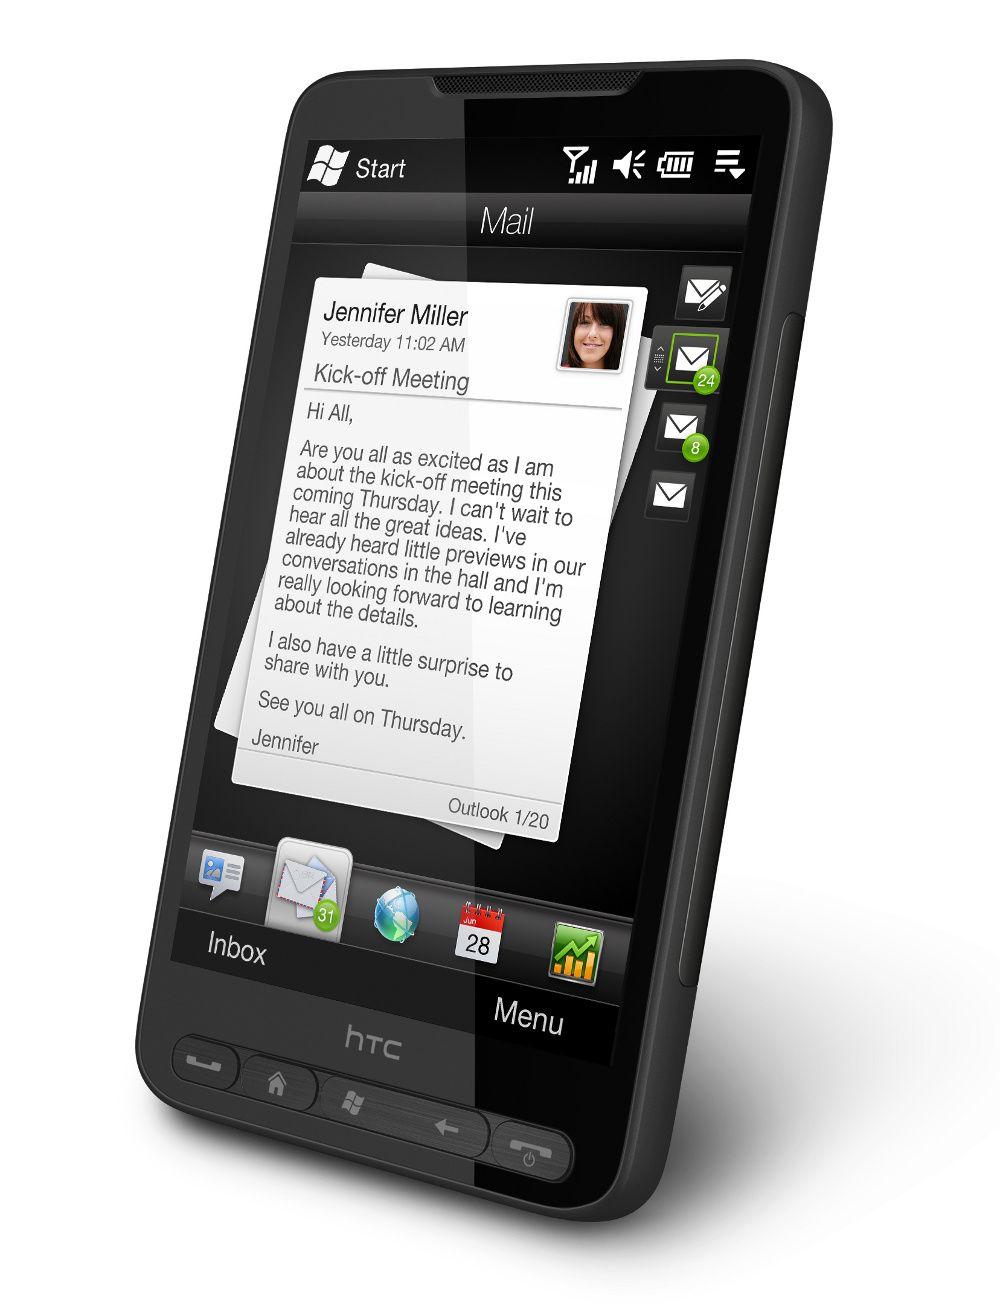 Slik ser dagens HTC HD2 ut, med 4,3 tommer stor skjerm og Windows Mobile som operativsystem.